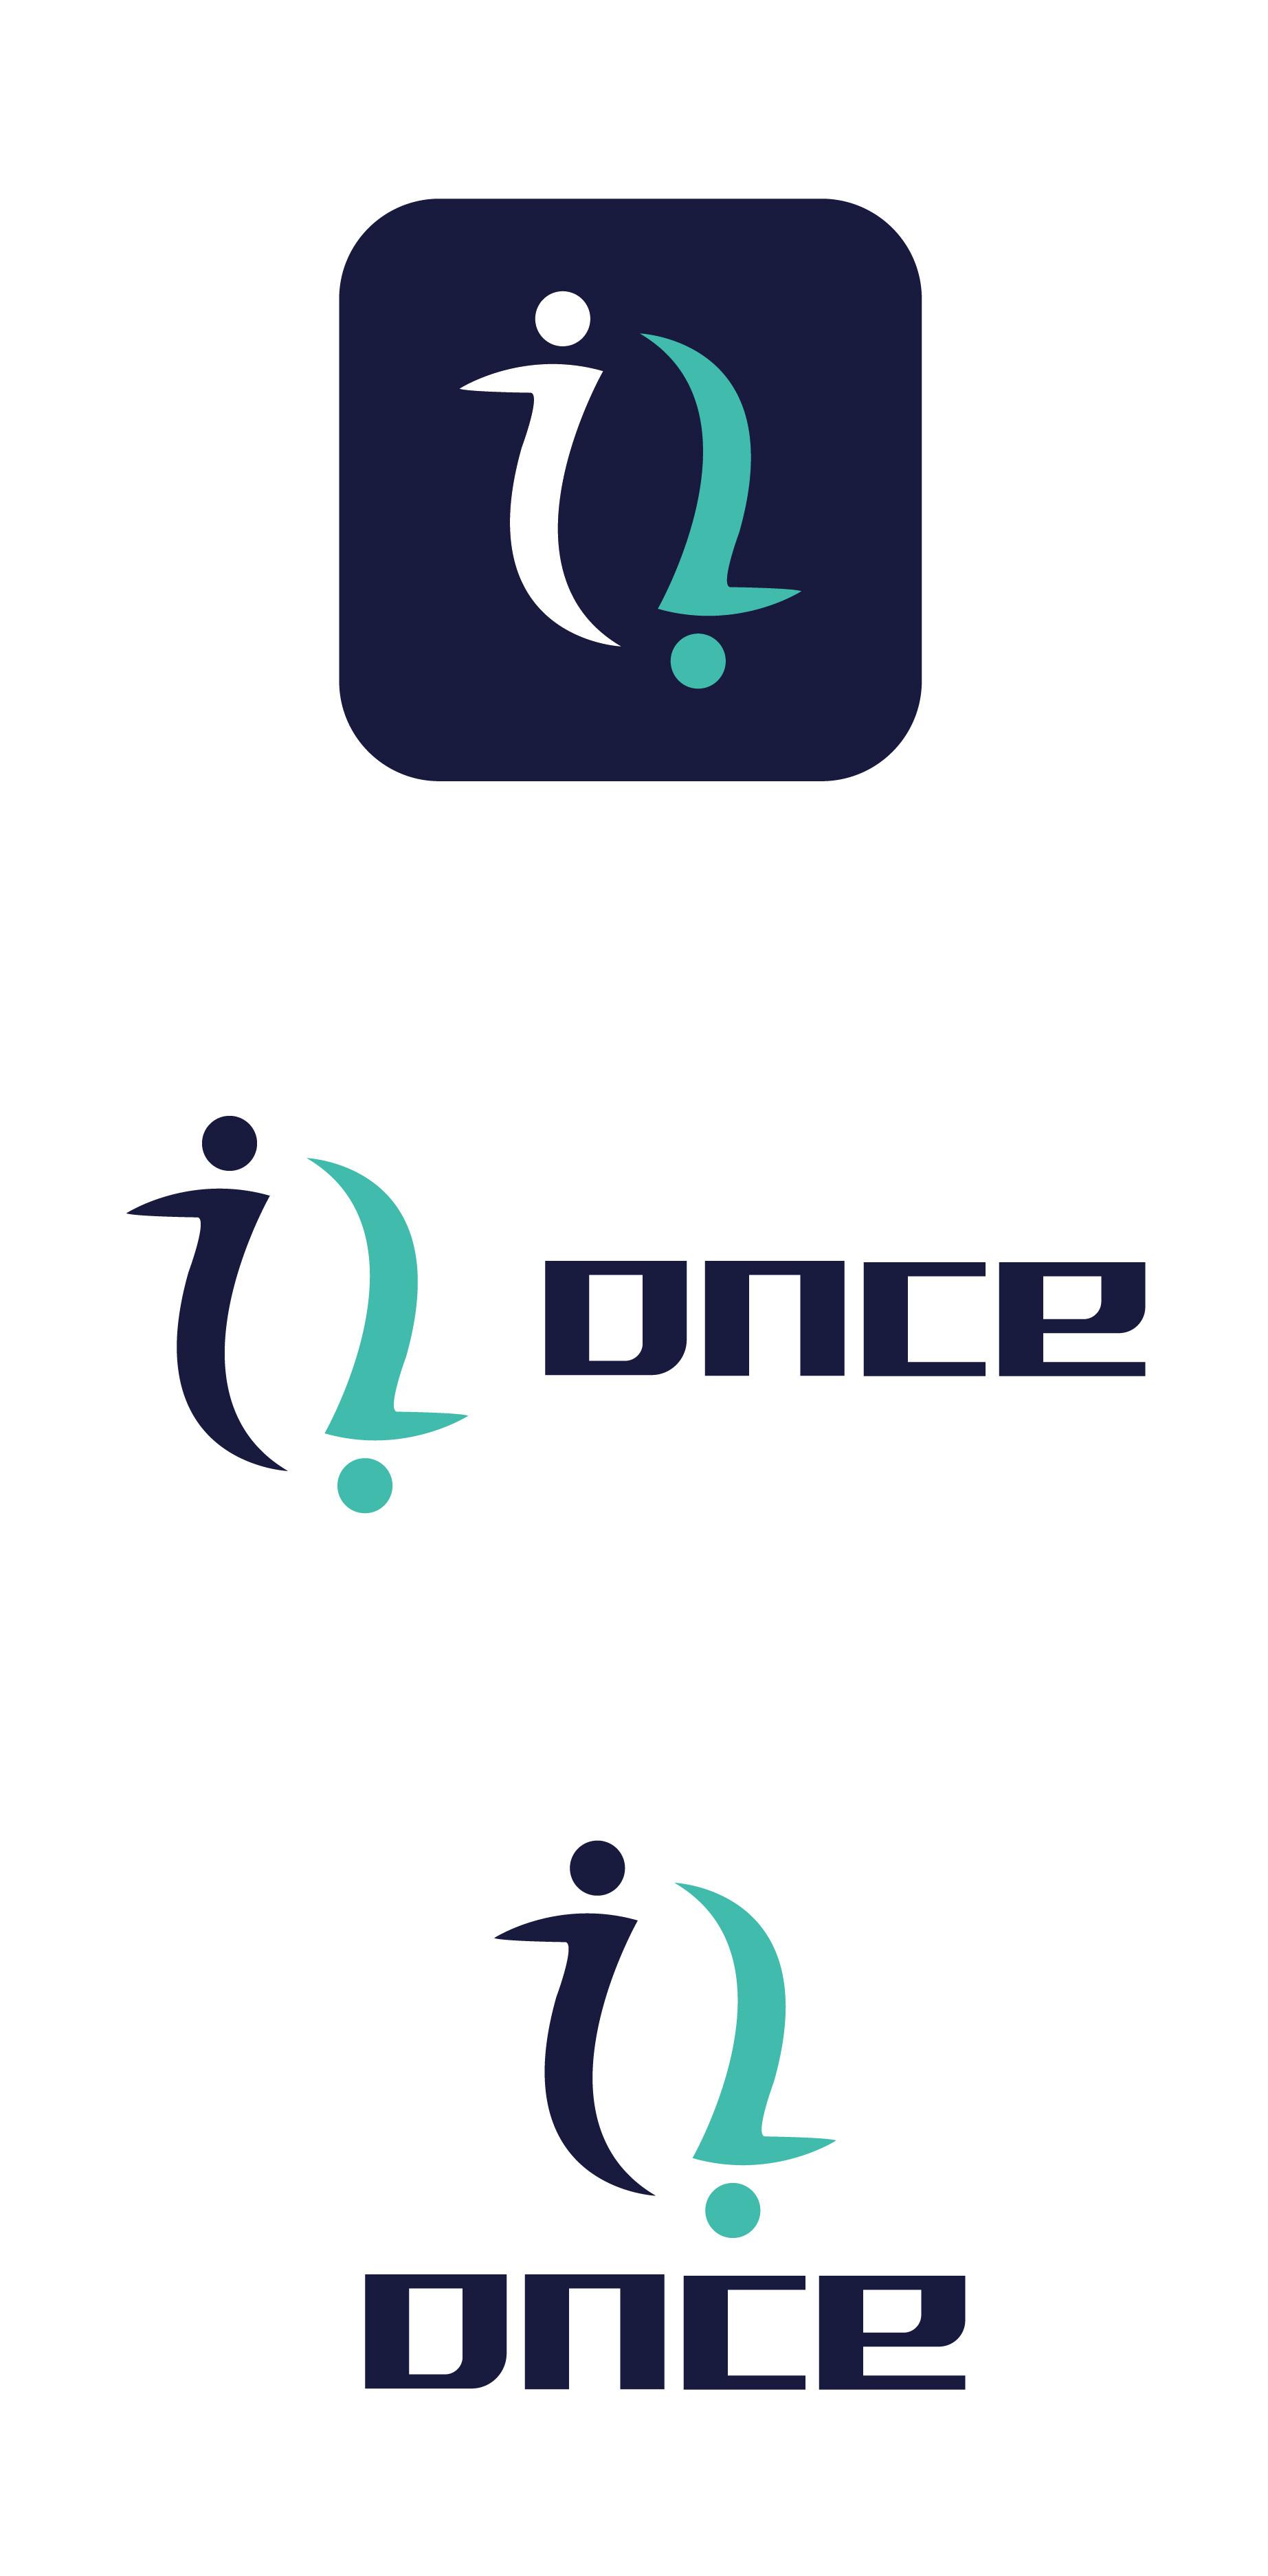 健身logo|ui|图标|浅昏昏 - 原创作品 - 站酷 (zcool)图片